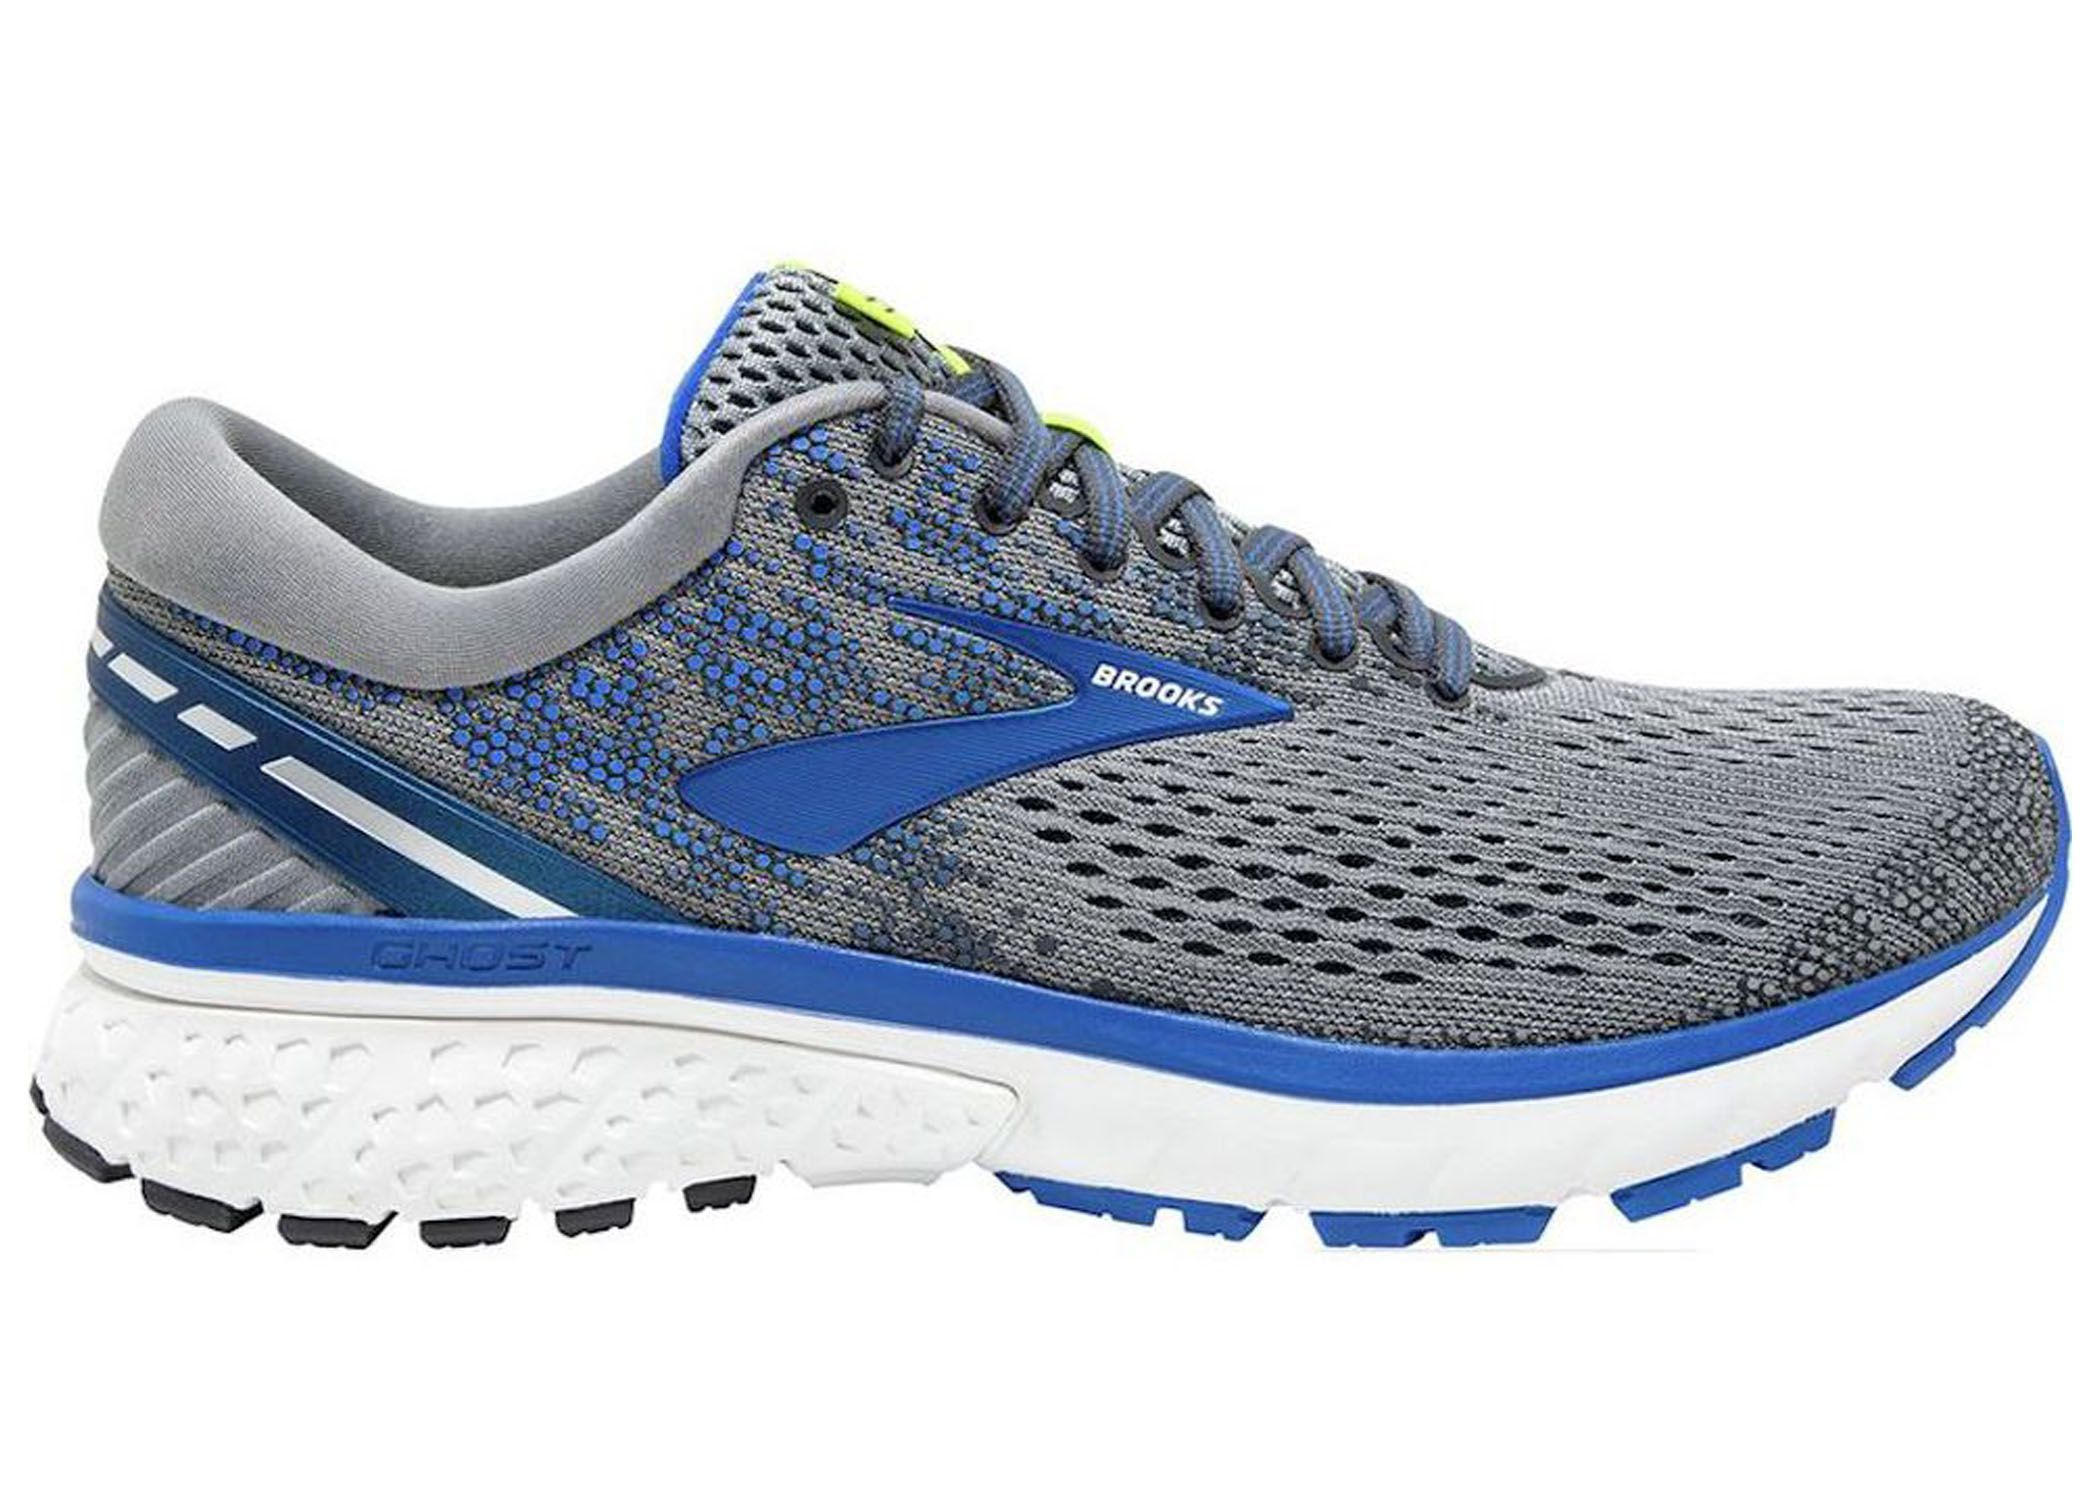 brooks-run-meilleure chaussure de running pour hommes 2019-meilleure chaussure de course nike chaussure de sport-i run-baskets homme-longues distances-excellente chaussure-marathon-runnning-achat best-seller-adidass-nike-sport-légères-Reebok-newblance-guide-lepape